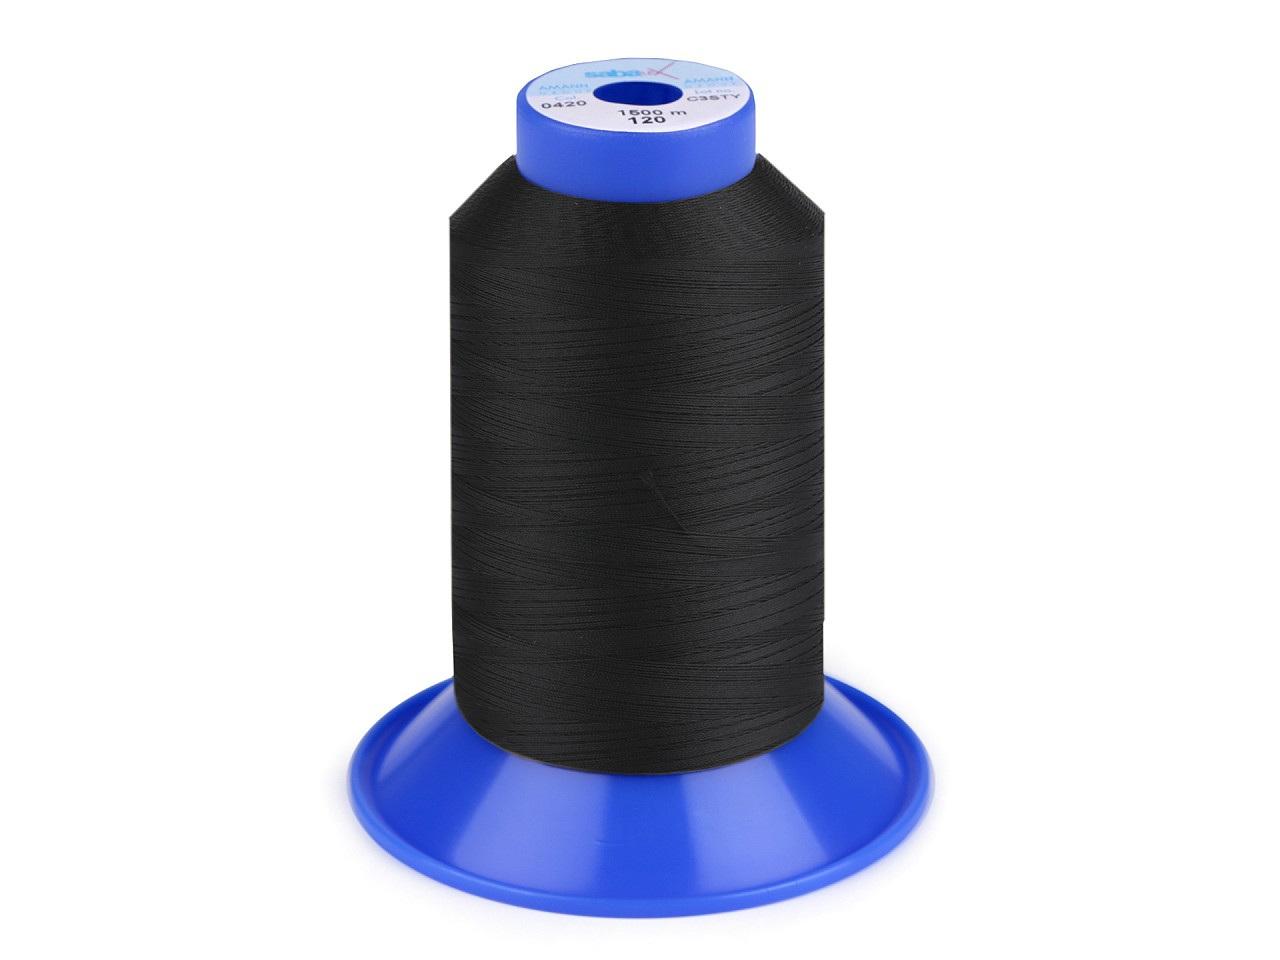 Nit elastická Sabaflex 120; 1500 m, barva 4000 černá